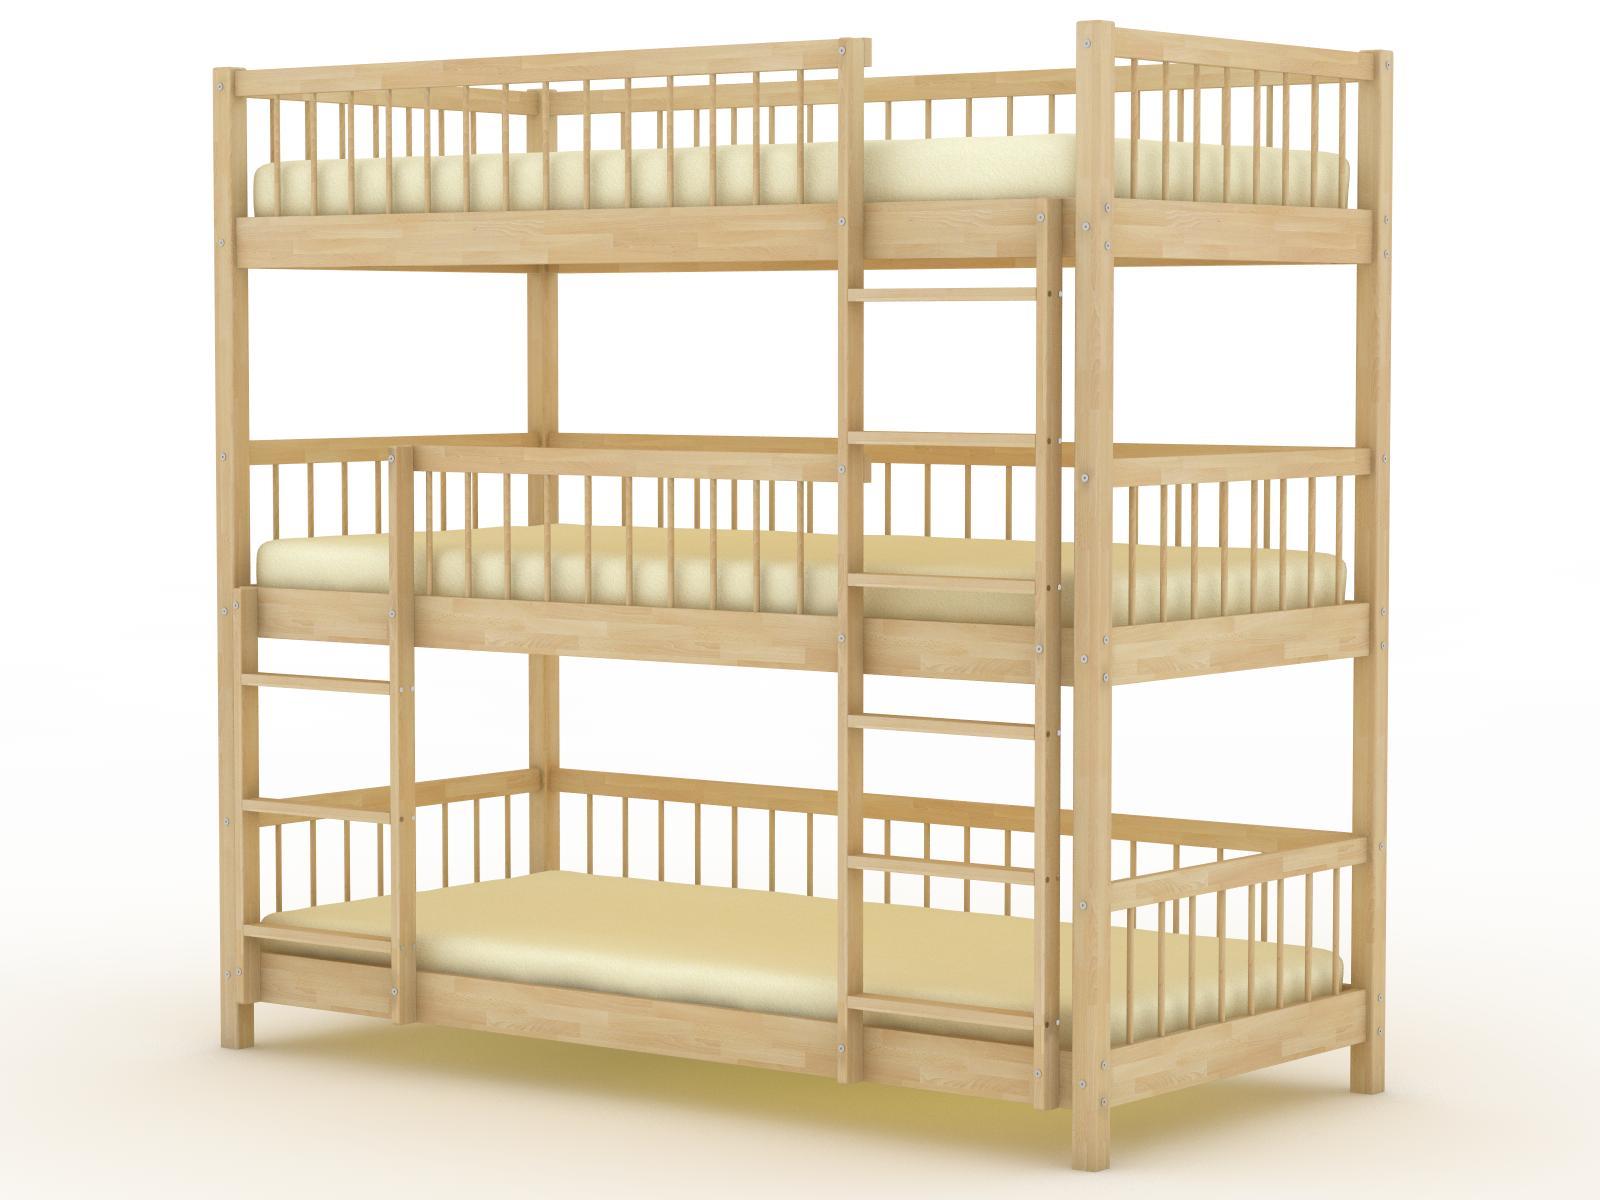 Идеальным вариантом решения этой задачи является трехъярусная кровать, разнообразные модели которой изготавливают современные производители мебели.